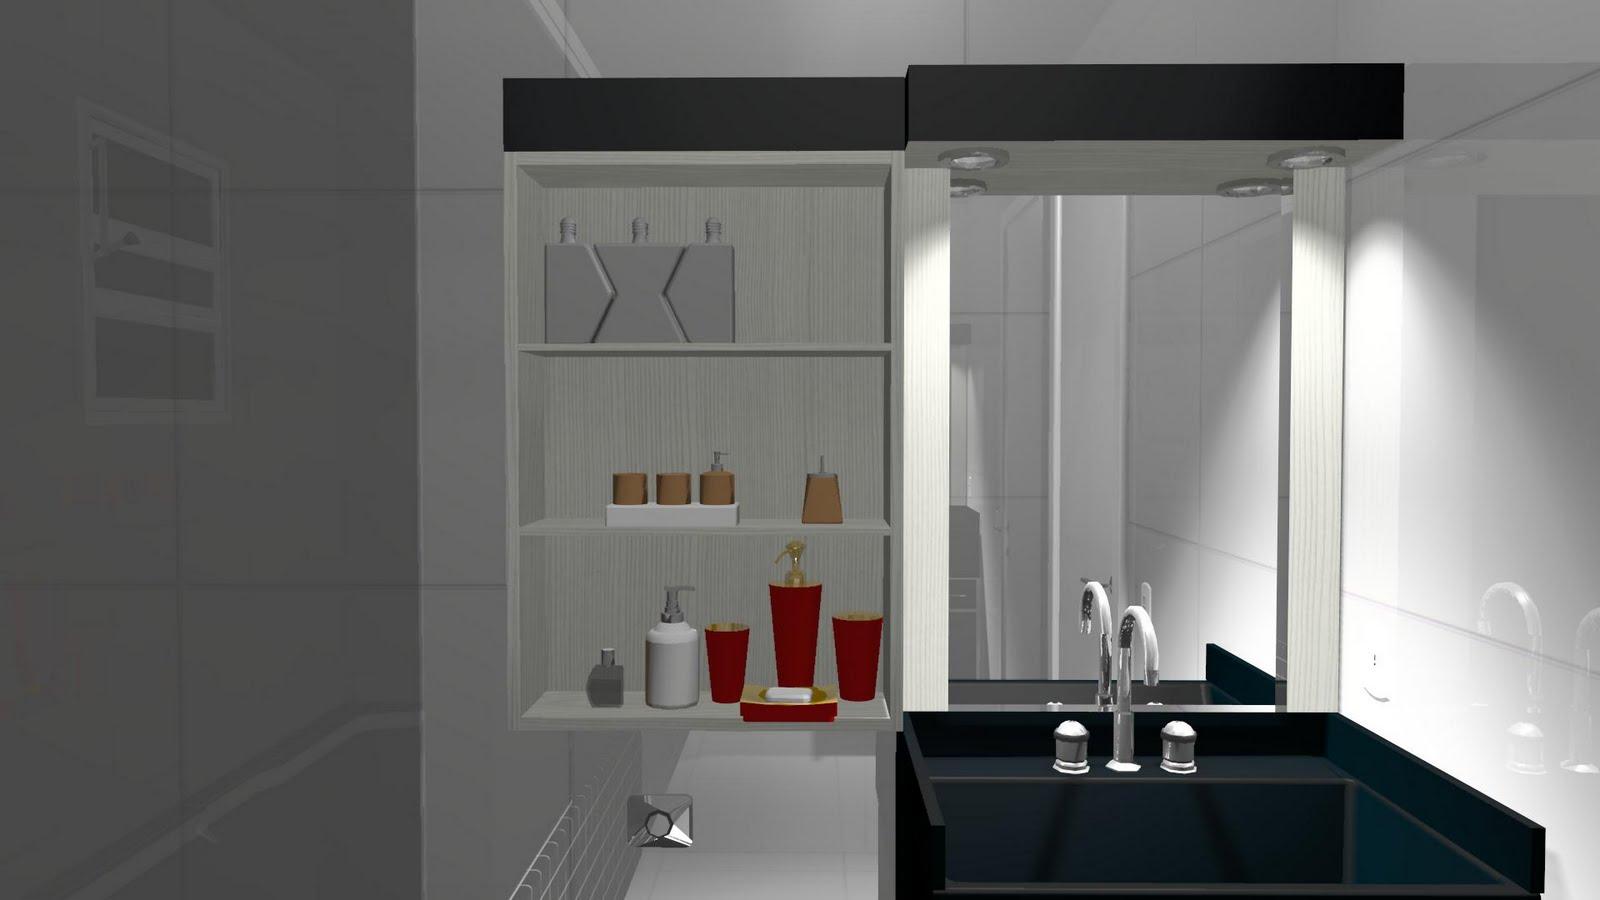 Espaço Nobre Design: Balcão de Banheiro (Preto Malago Branco Neve) #5F281E 1600 900